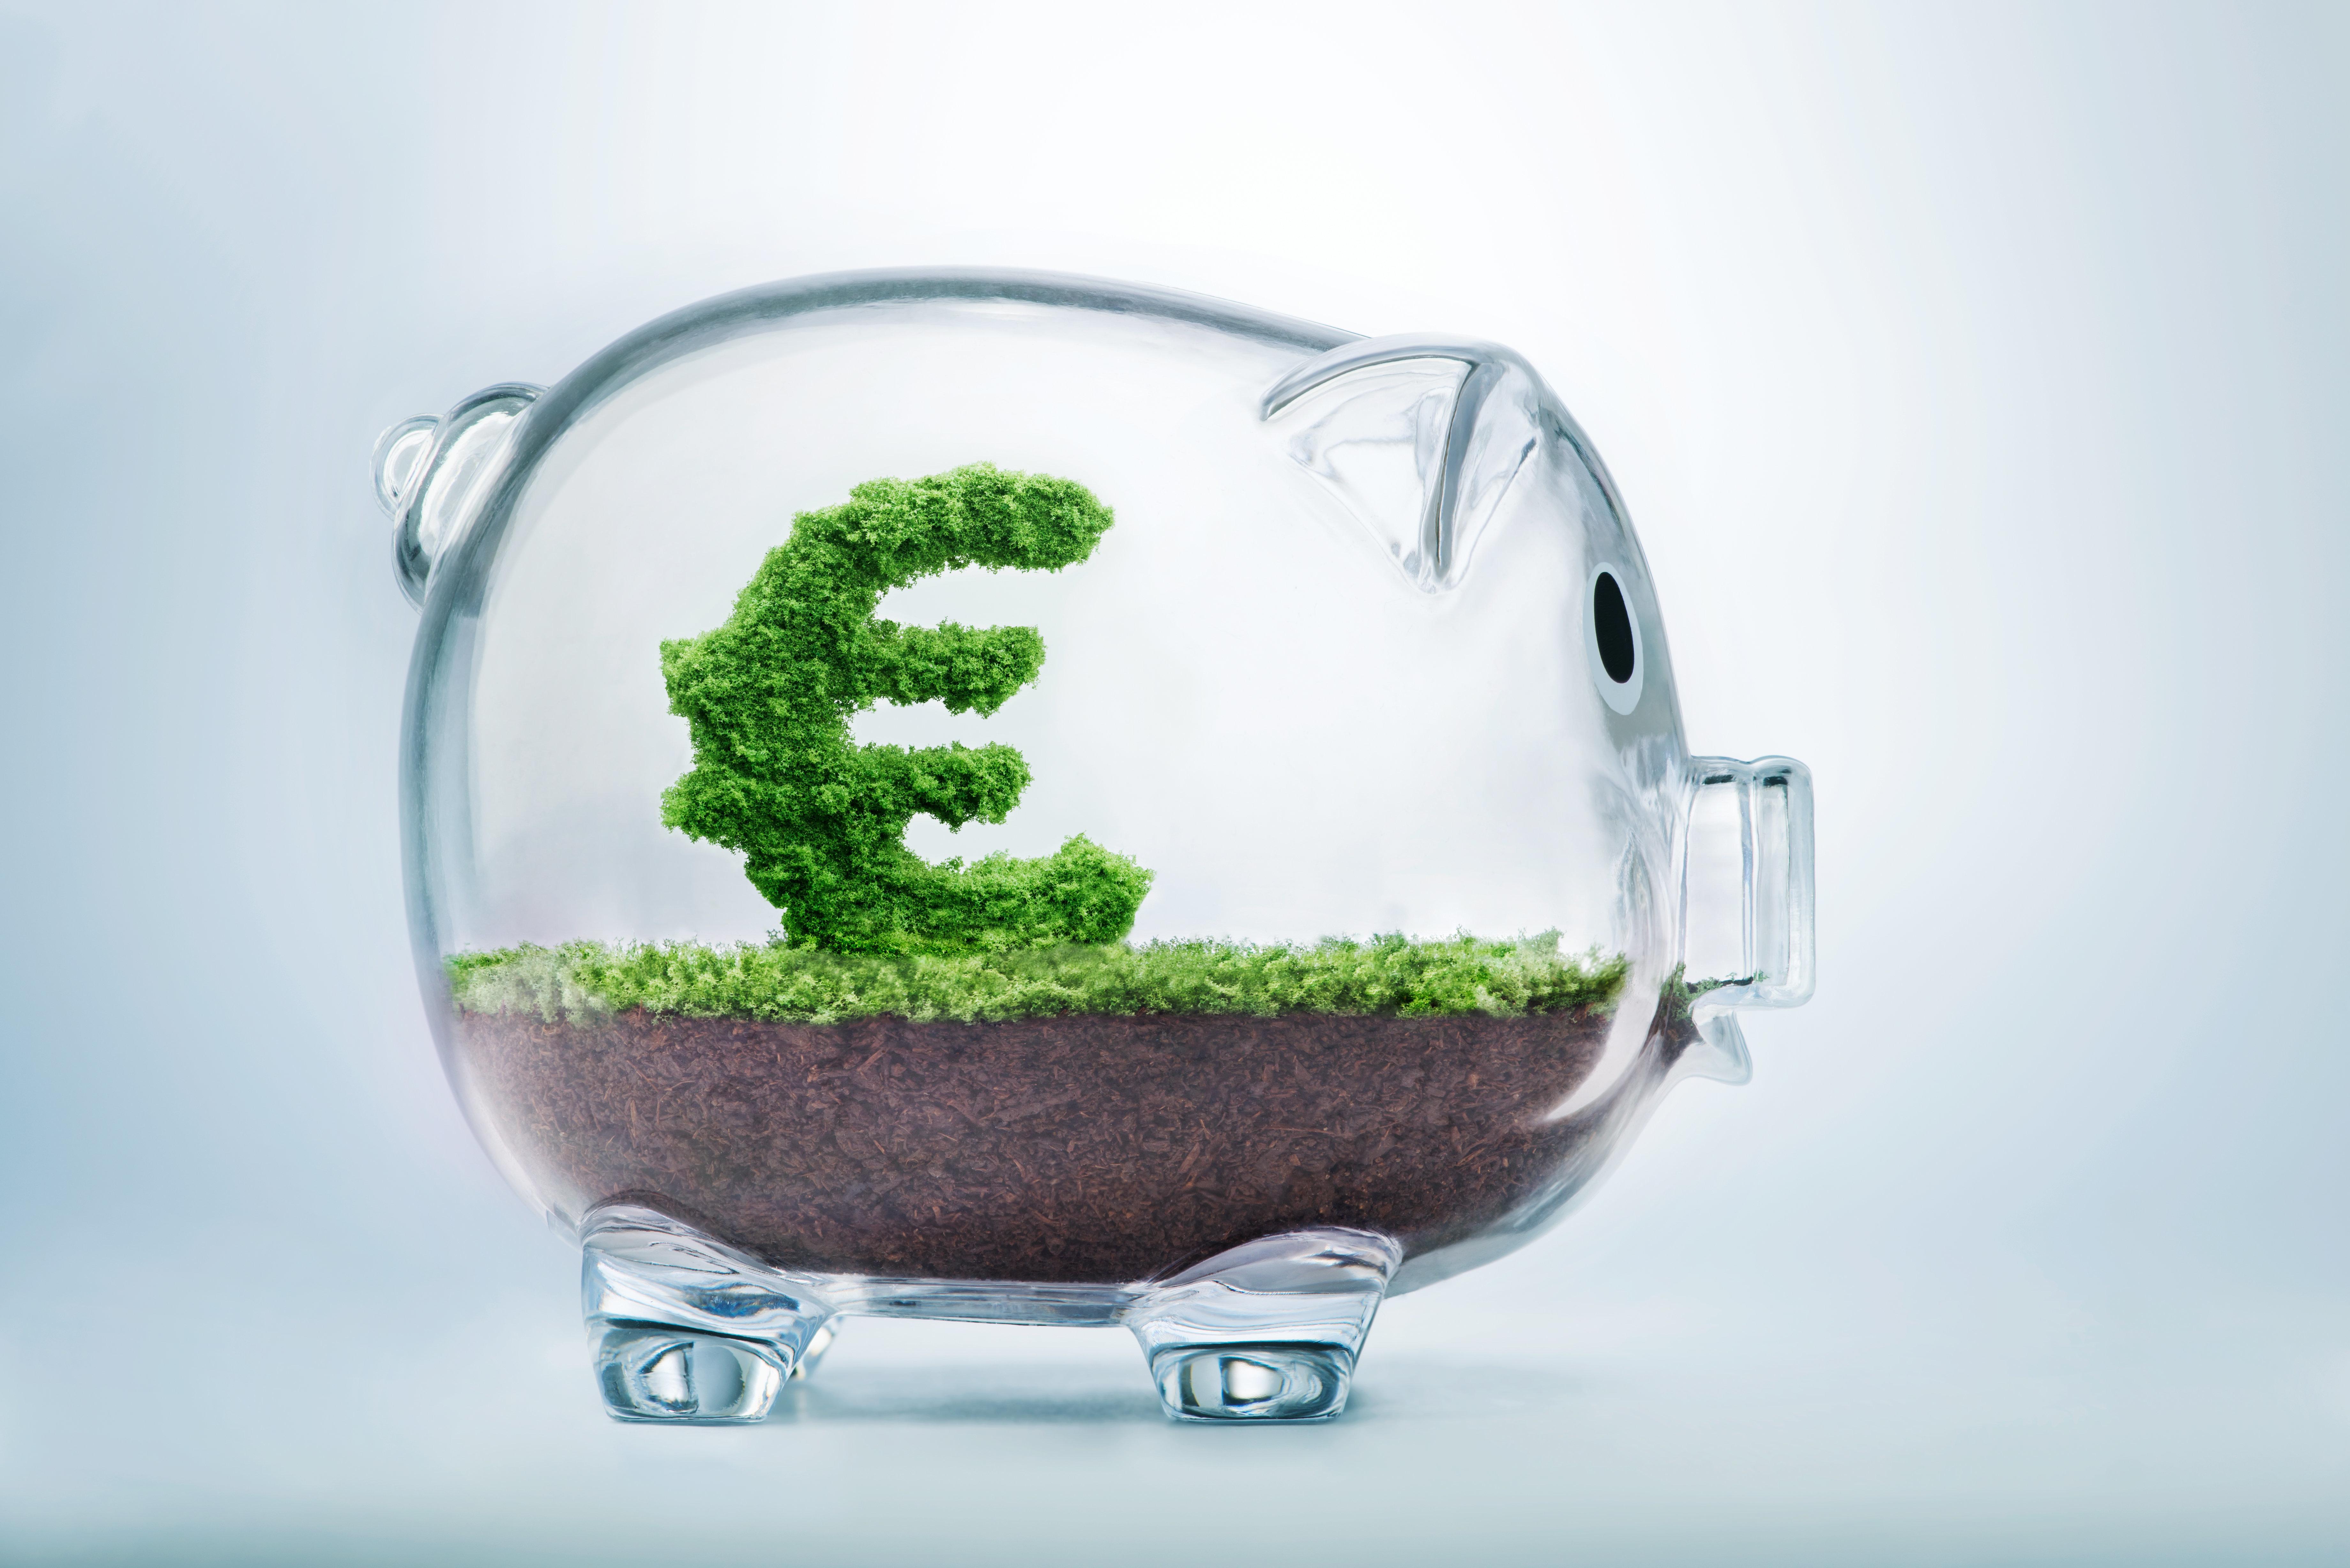 Ωφελημένες Ελλάδα και Ιταλία από τον νέο προϋπολογισμό της